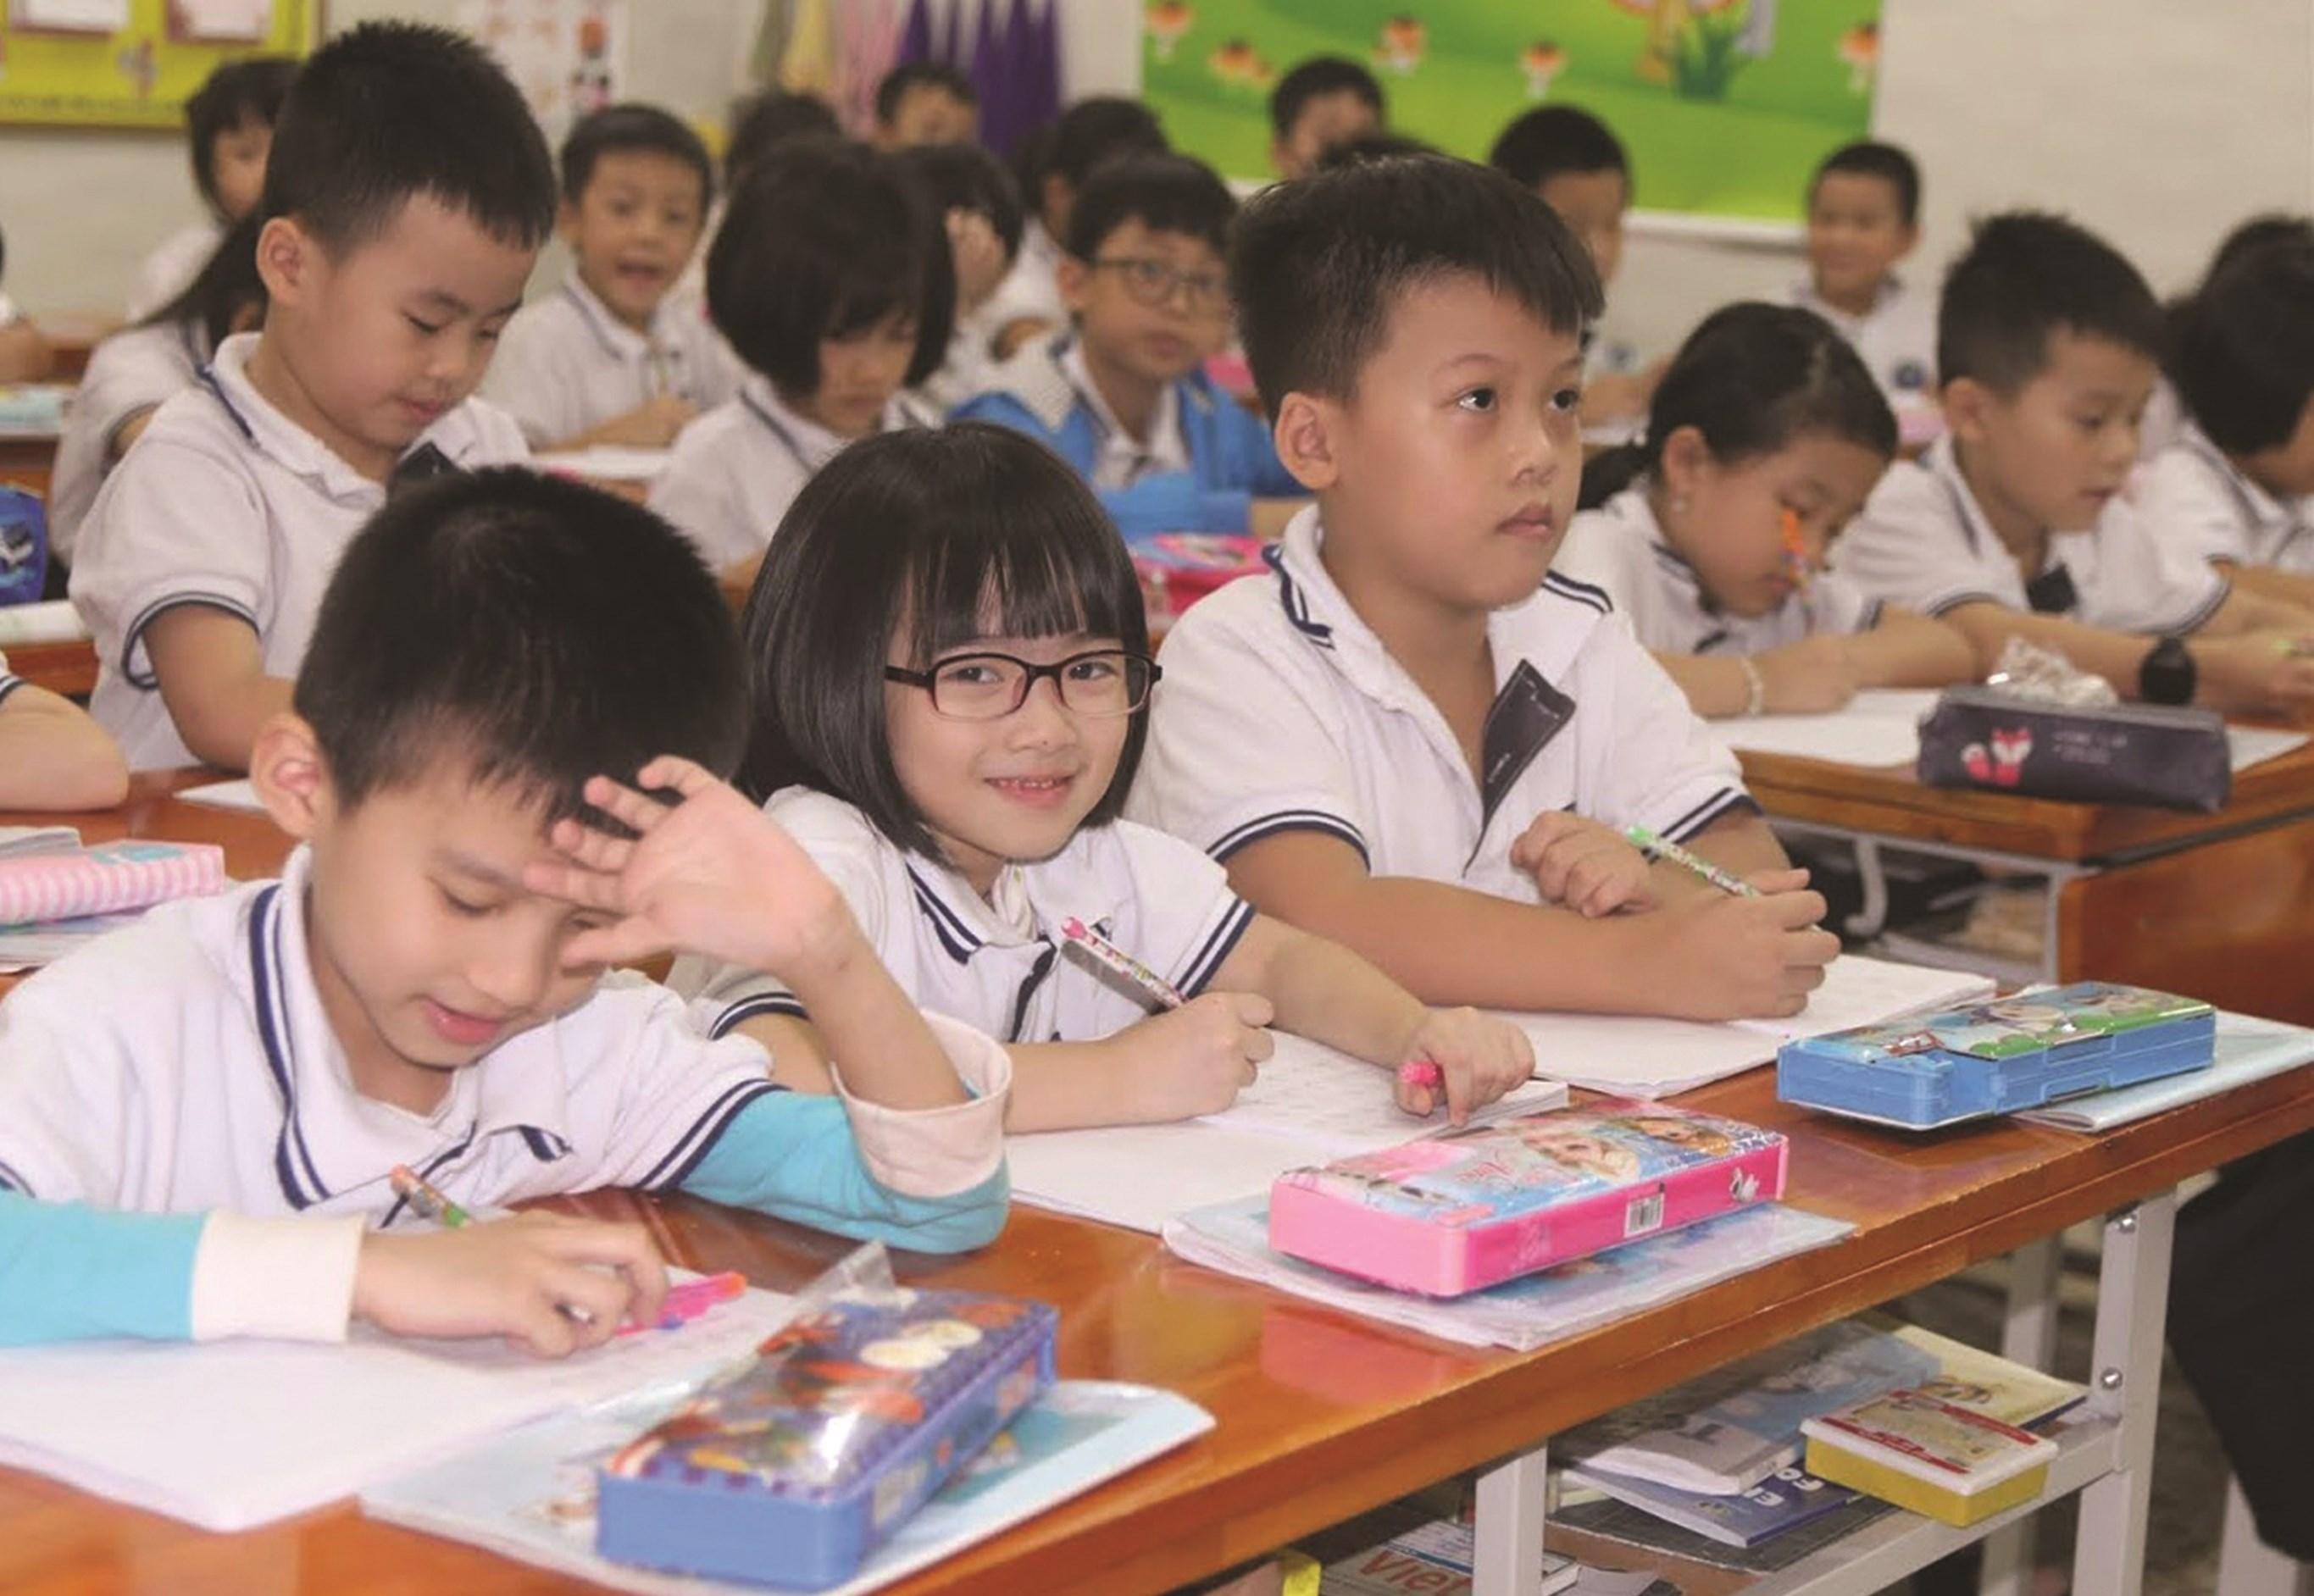 Chương trình giáo dục phổ thông mới áp dụng cho học sinh lớp 1 được đánh giá là quá nặng so với tuổi. Ảnh TL